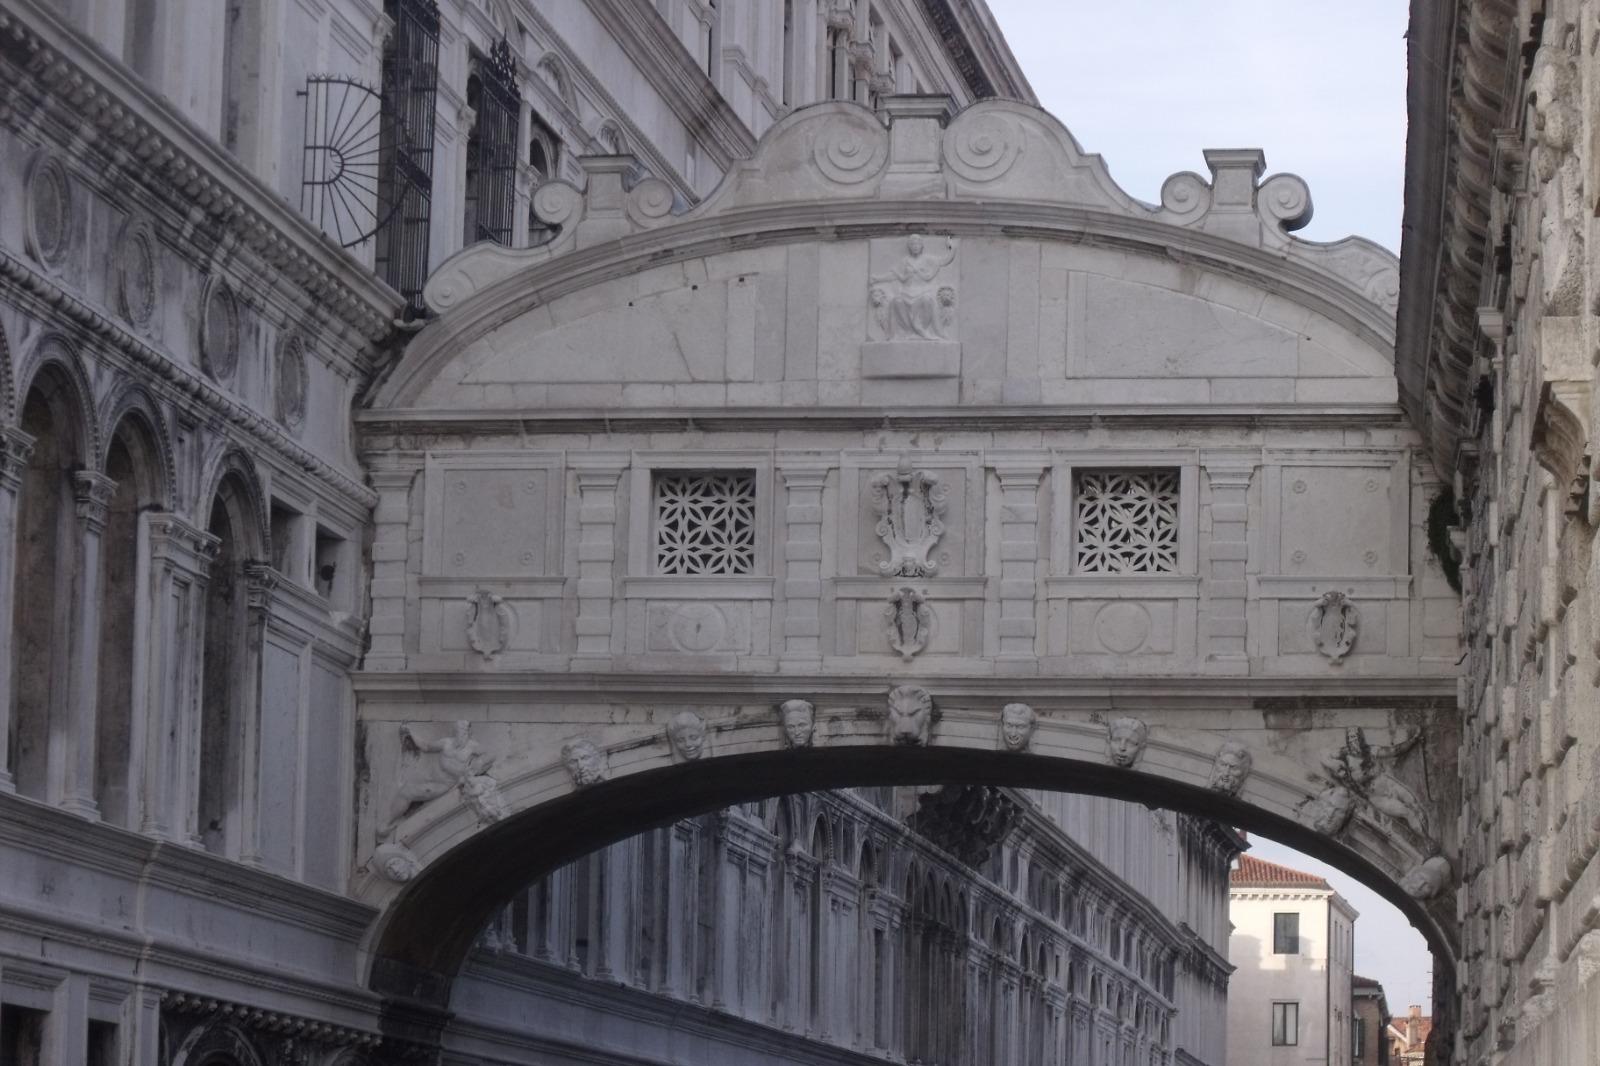 venezia10-1600183262.jpg